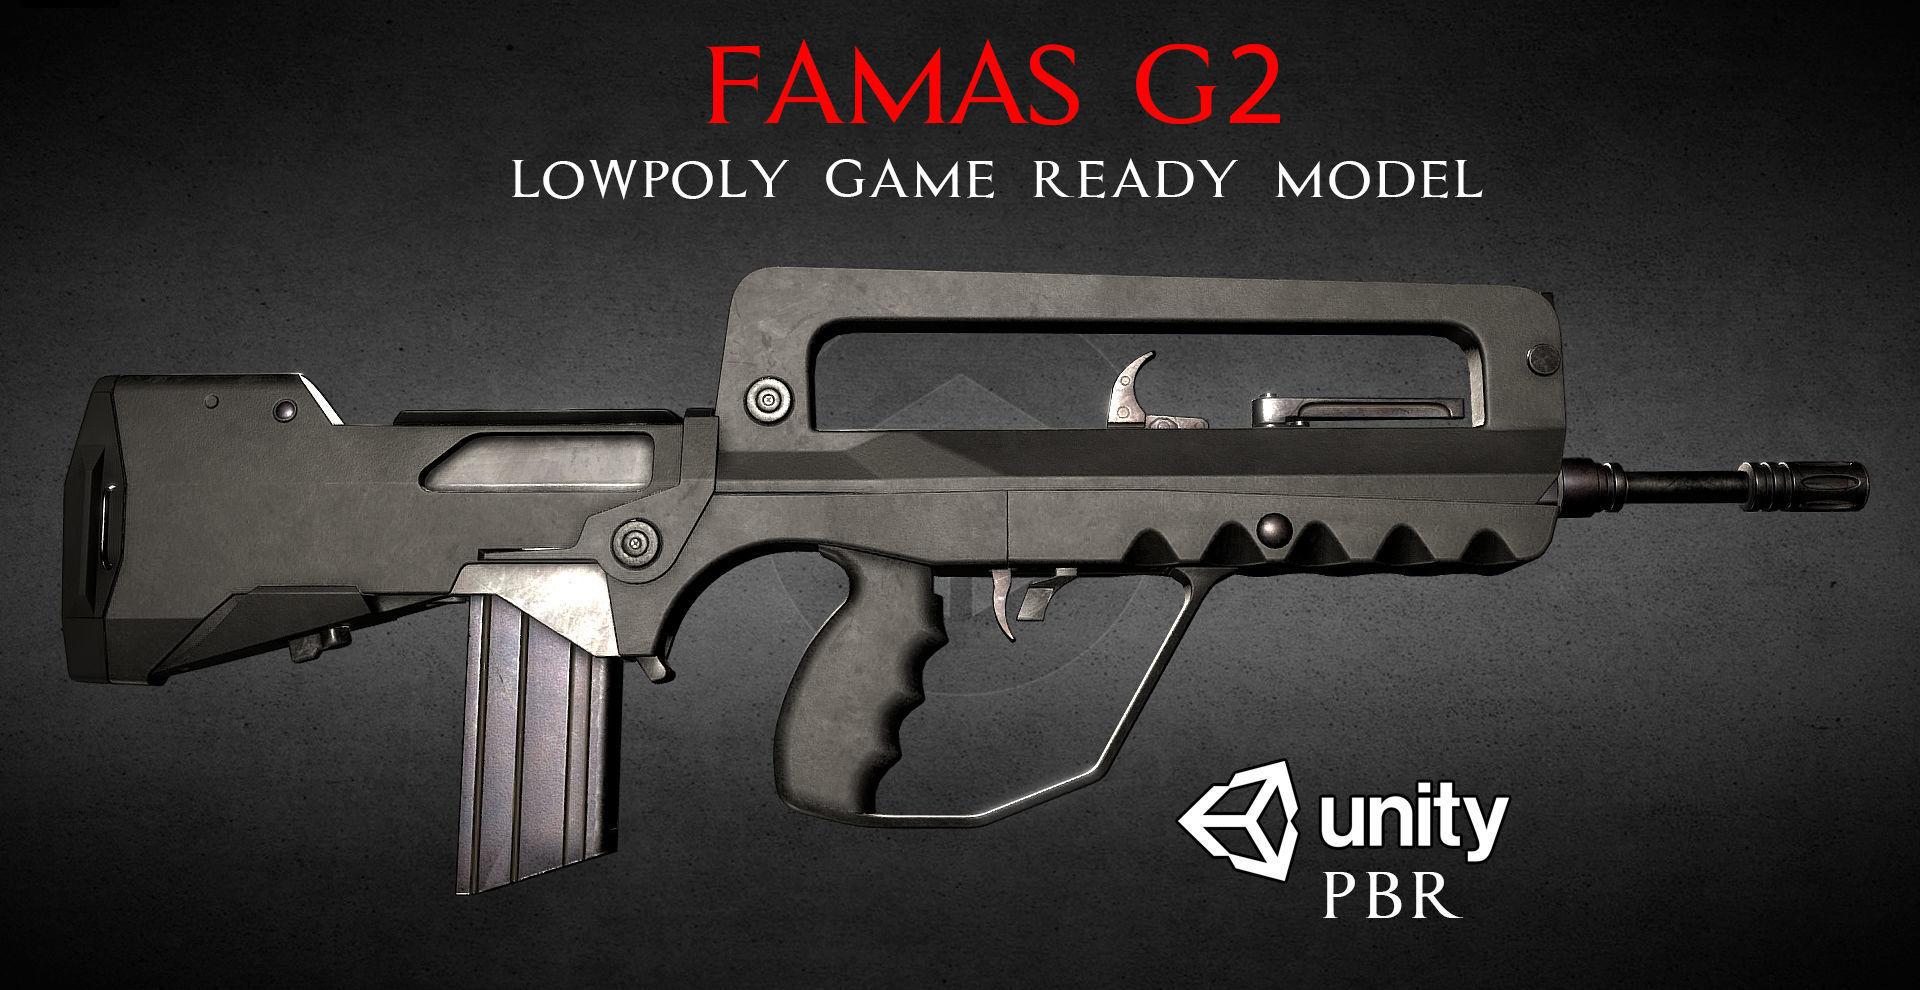 FAMAS G2 Assault Rifle